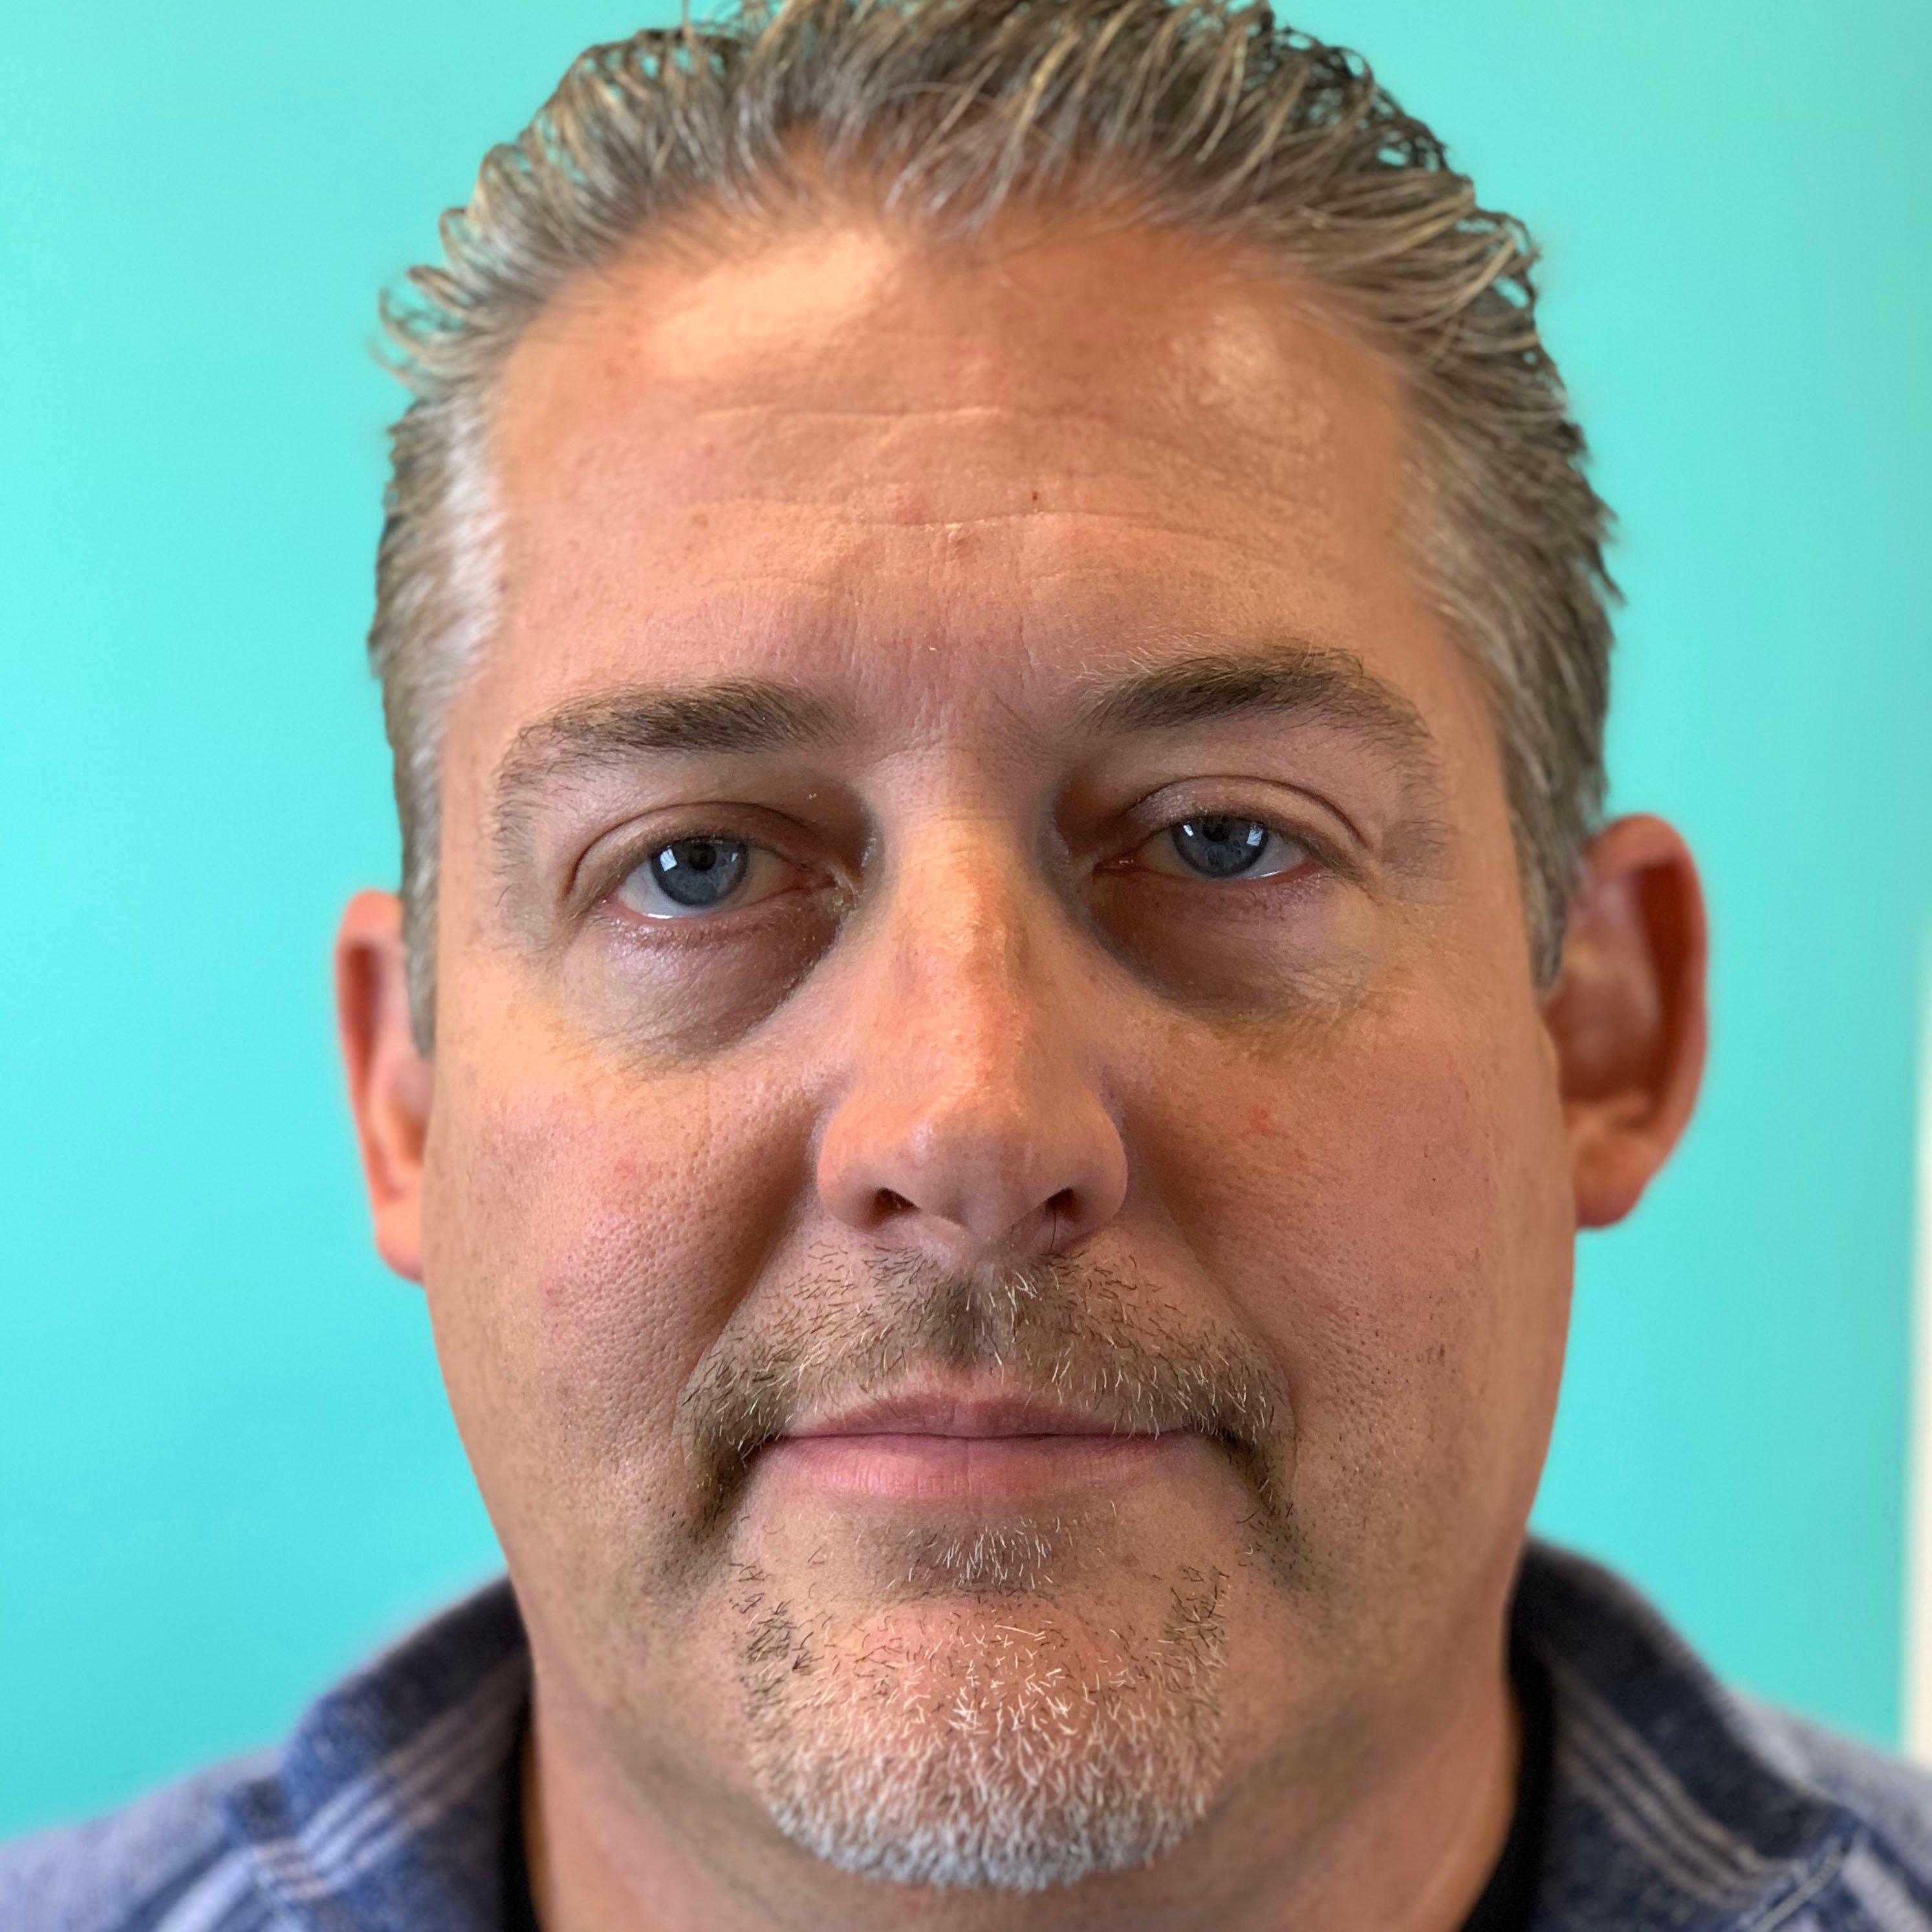 Doug Trolian